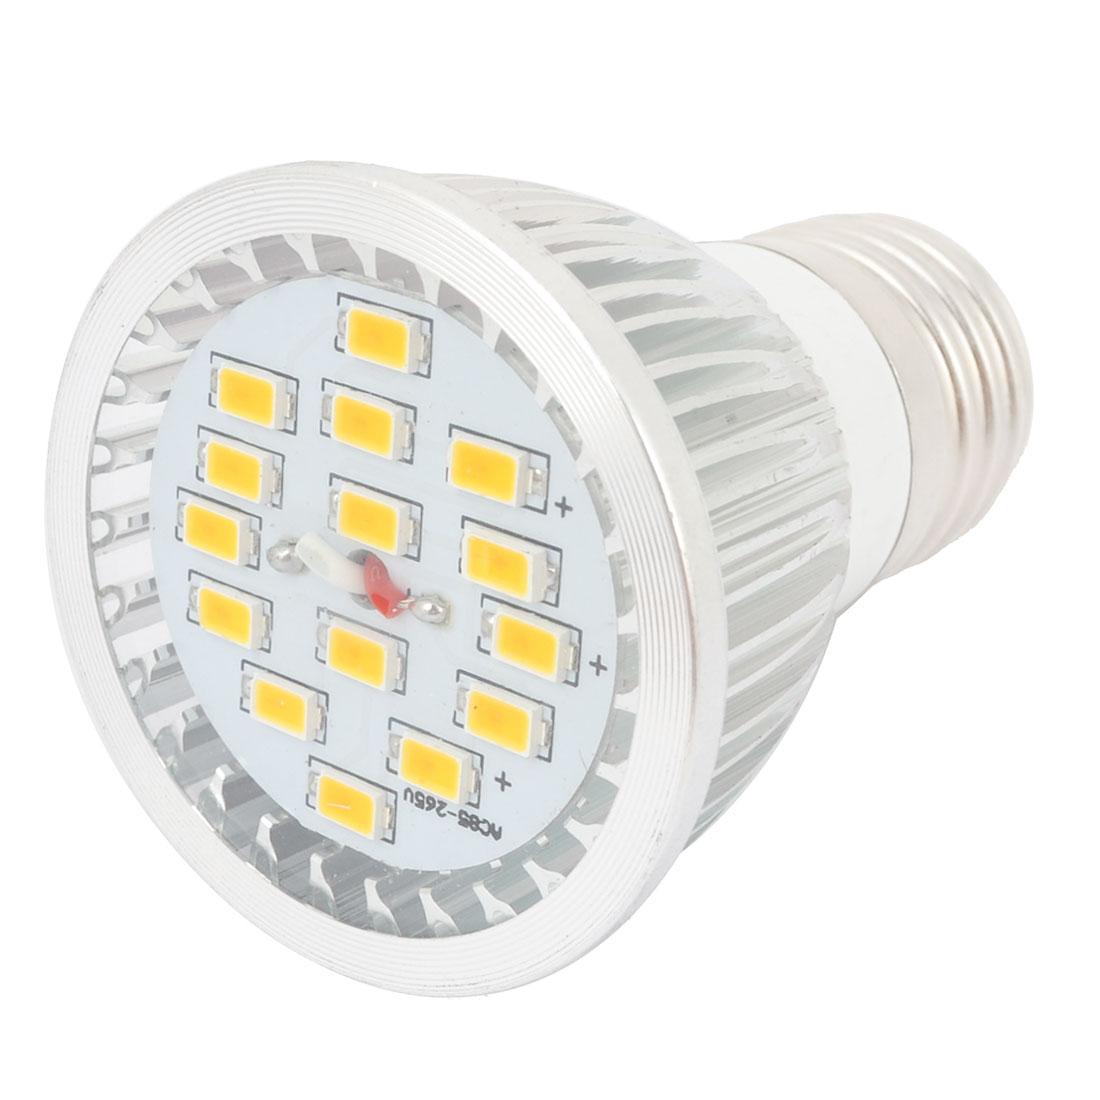 Warm White 7W E27 Socket 5730 SMD 15-LED COB Spotlight Bulb Lamp AC85-265V